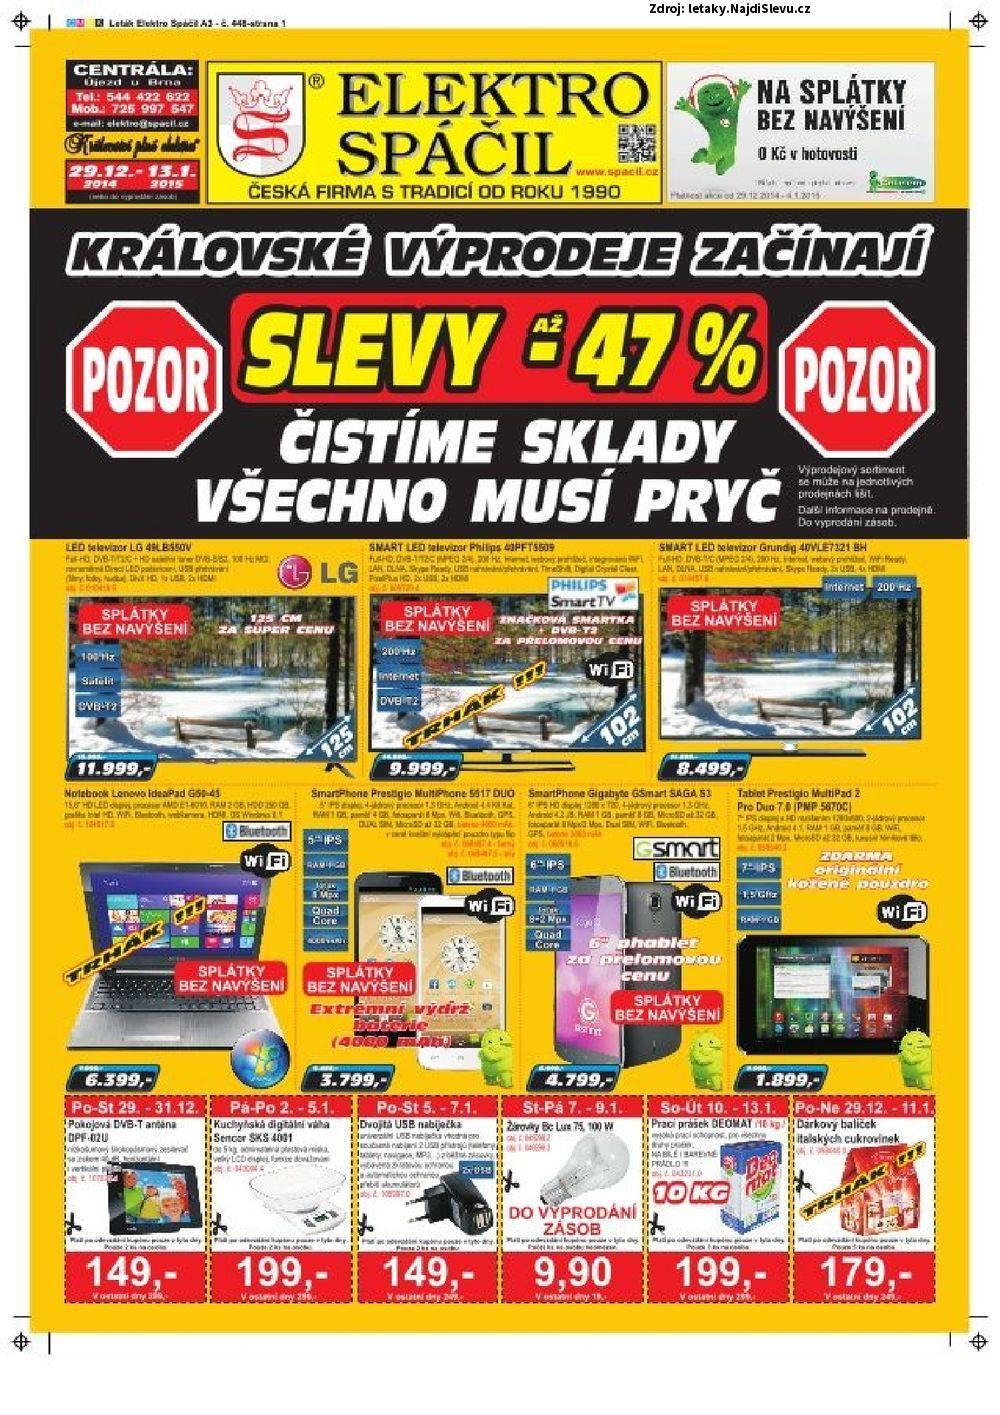 Strana 1 - leták Elektro Spáčil (29. 12. - 13. 1. 2015)